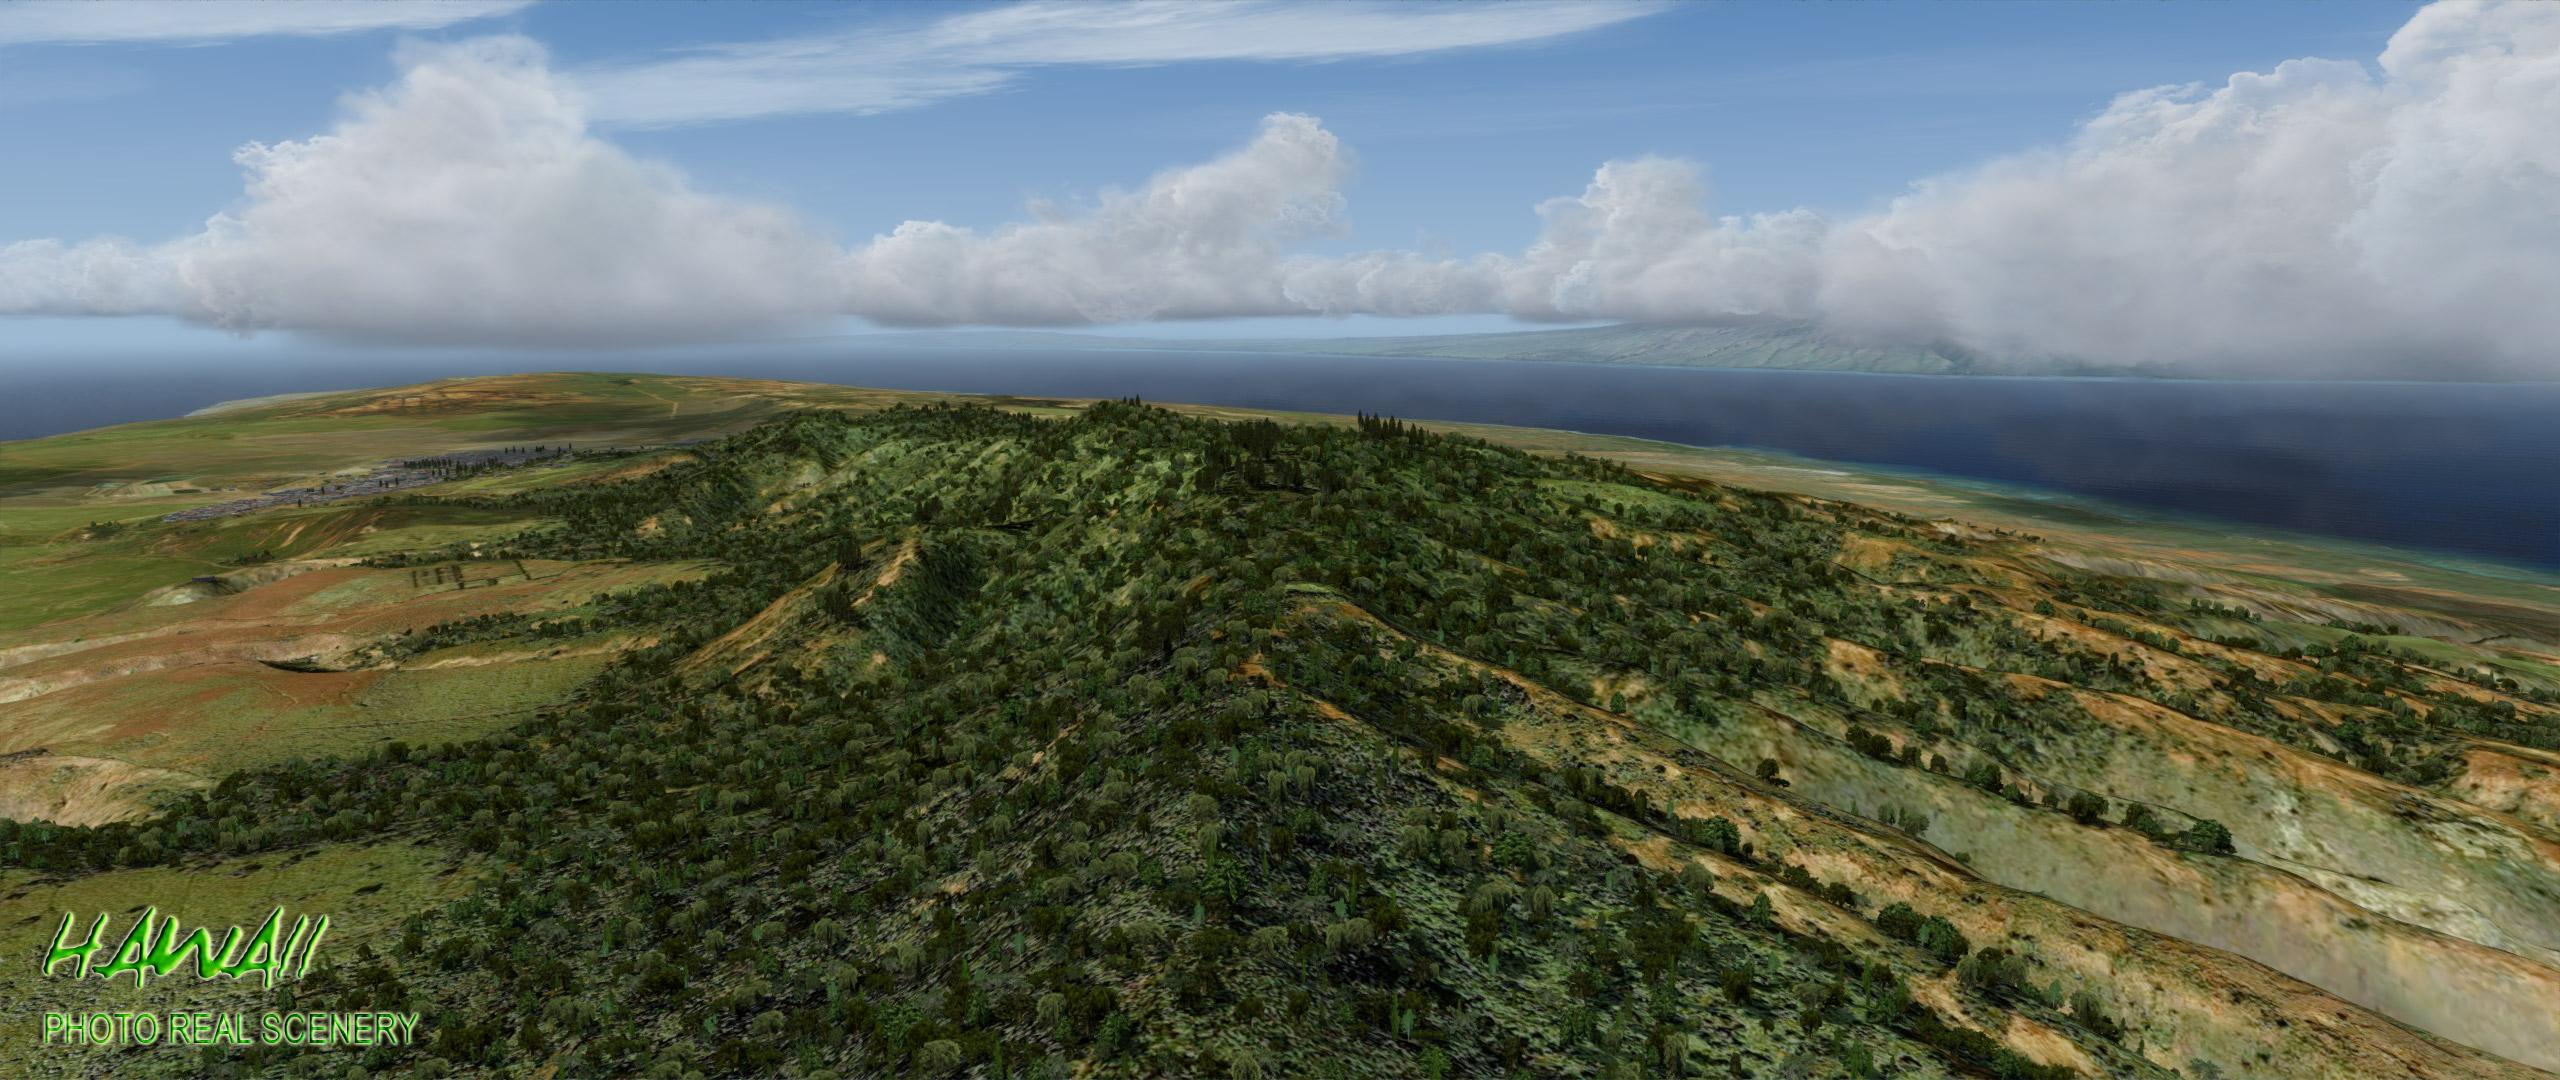 News - Hawaii Photoreal